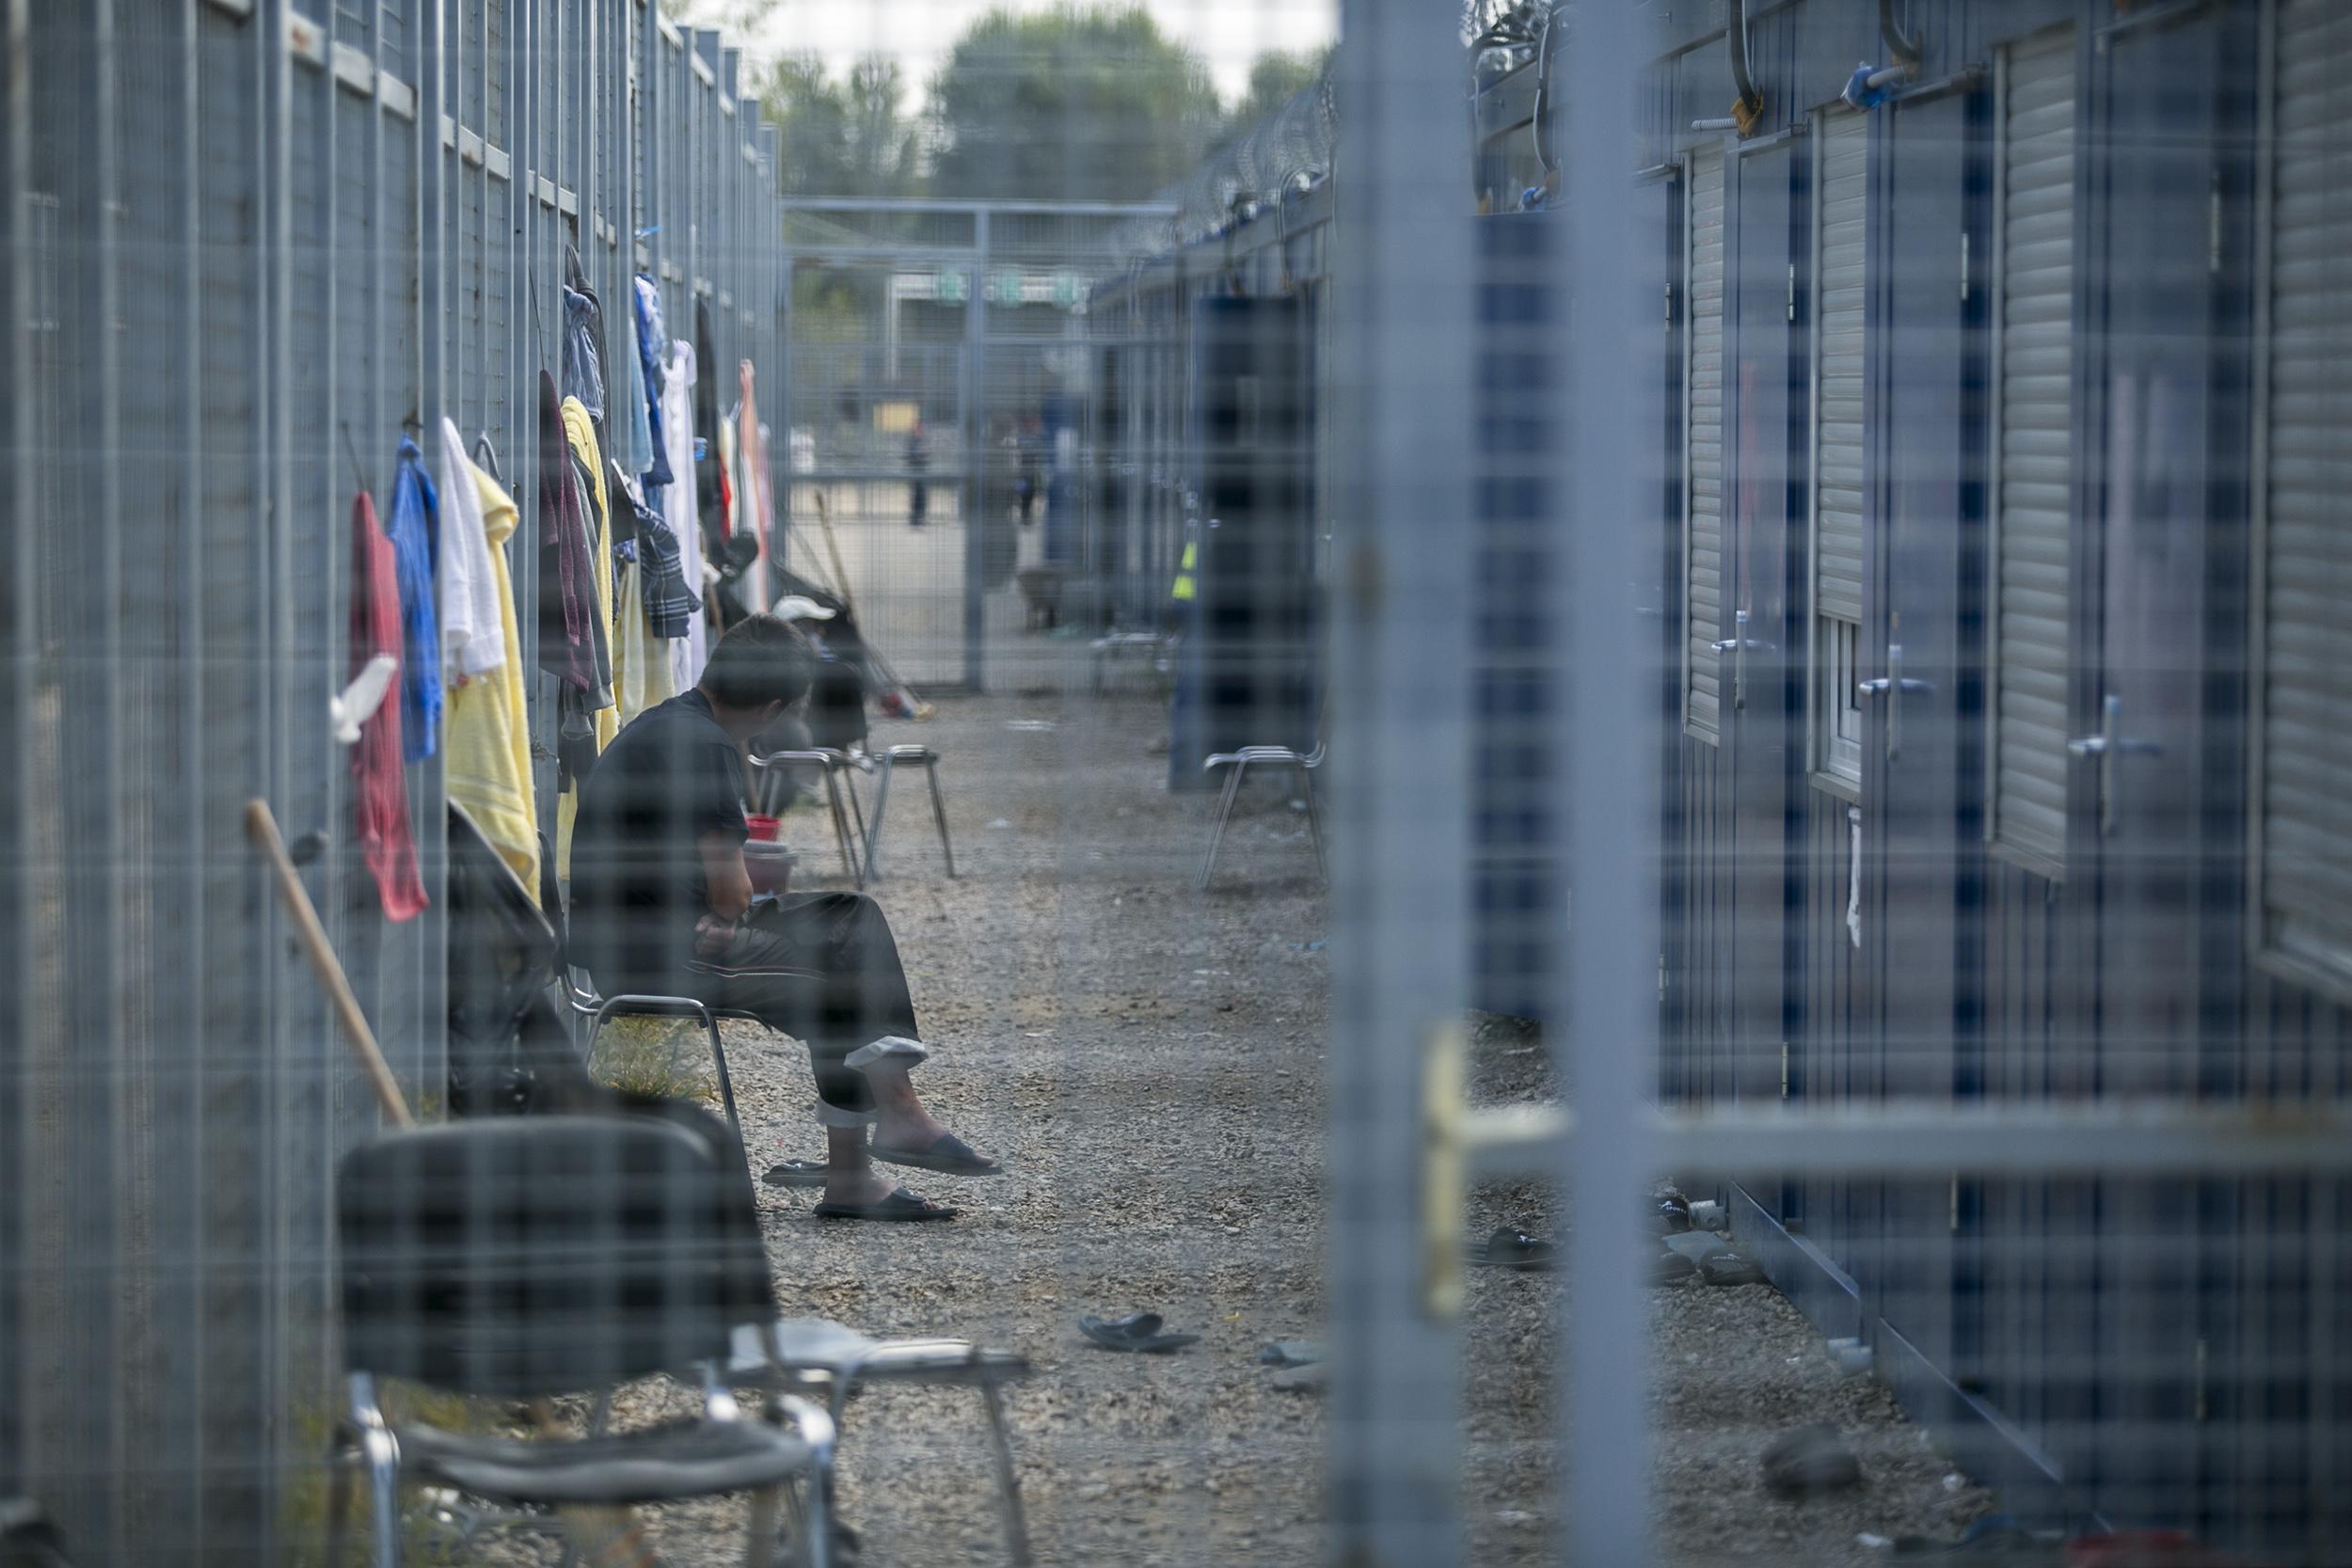 A strasbourgi bíróság felszólította a magyar hatóságokat, hogy adjanak enni egy afgán menedékkérőnek